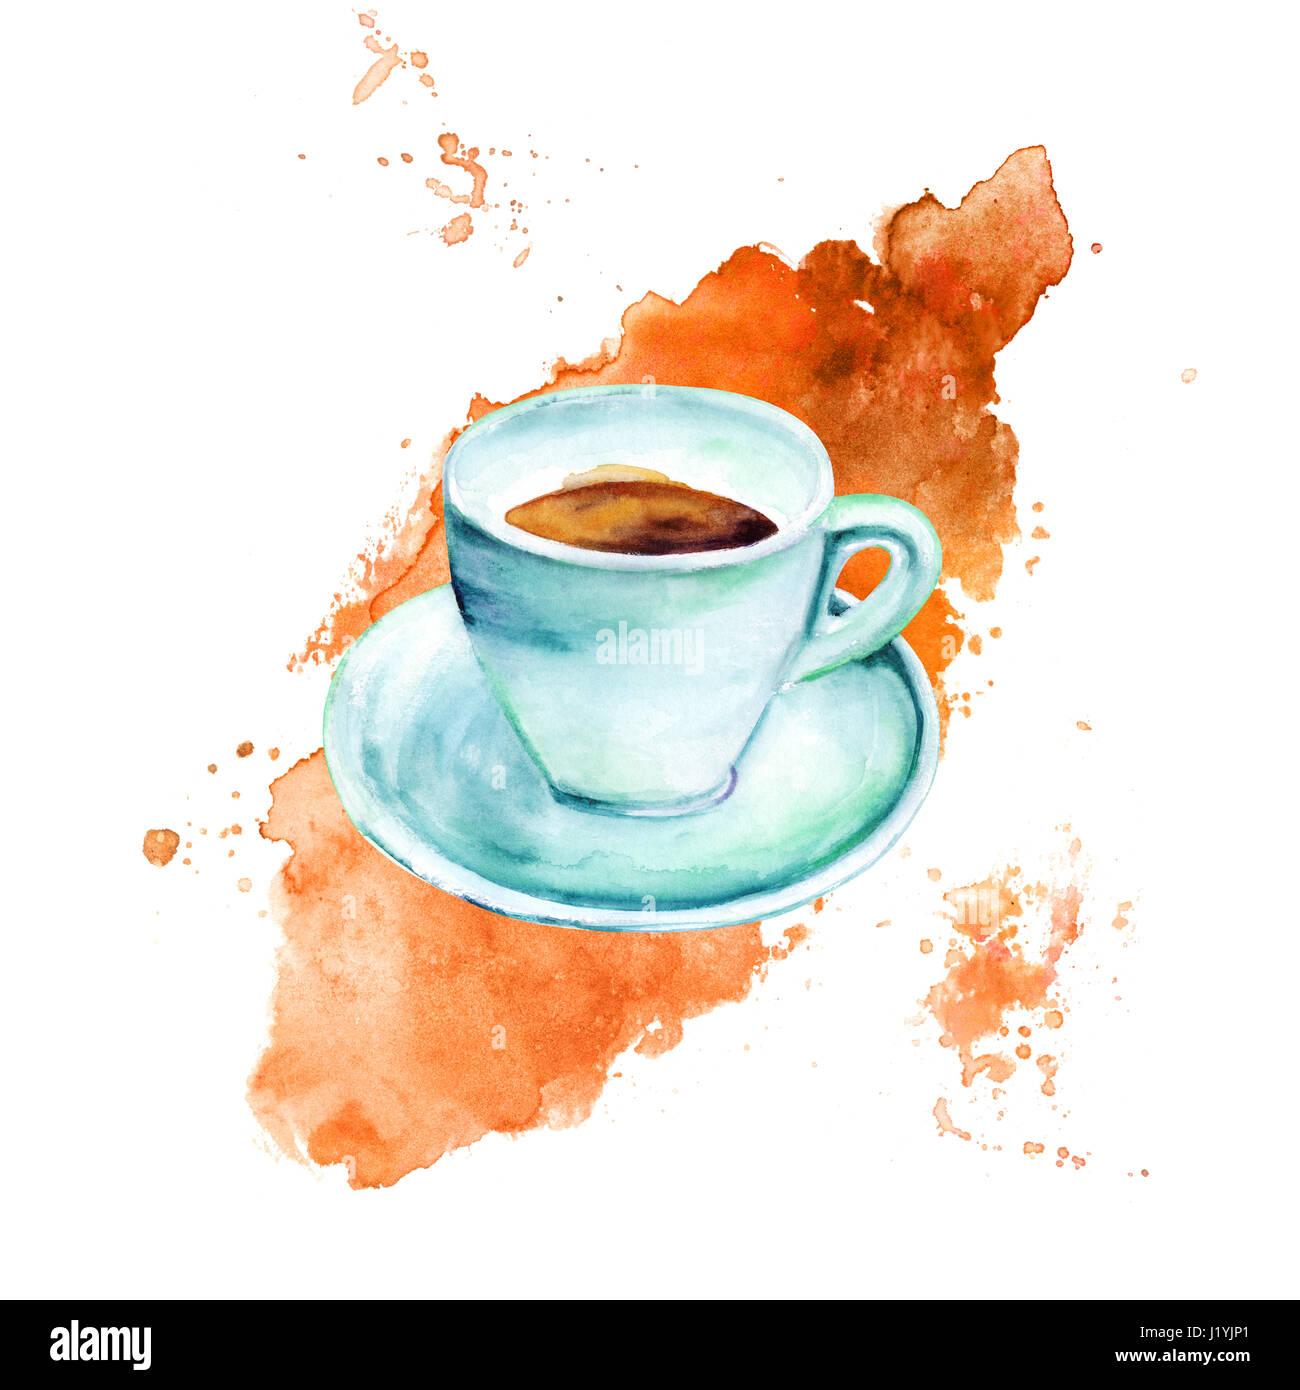 Une aquarelle dessin d 39 une tasse de caf dans la r gion de teal hues sur une tache de caf - Tasse de cafe dessin ...